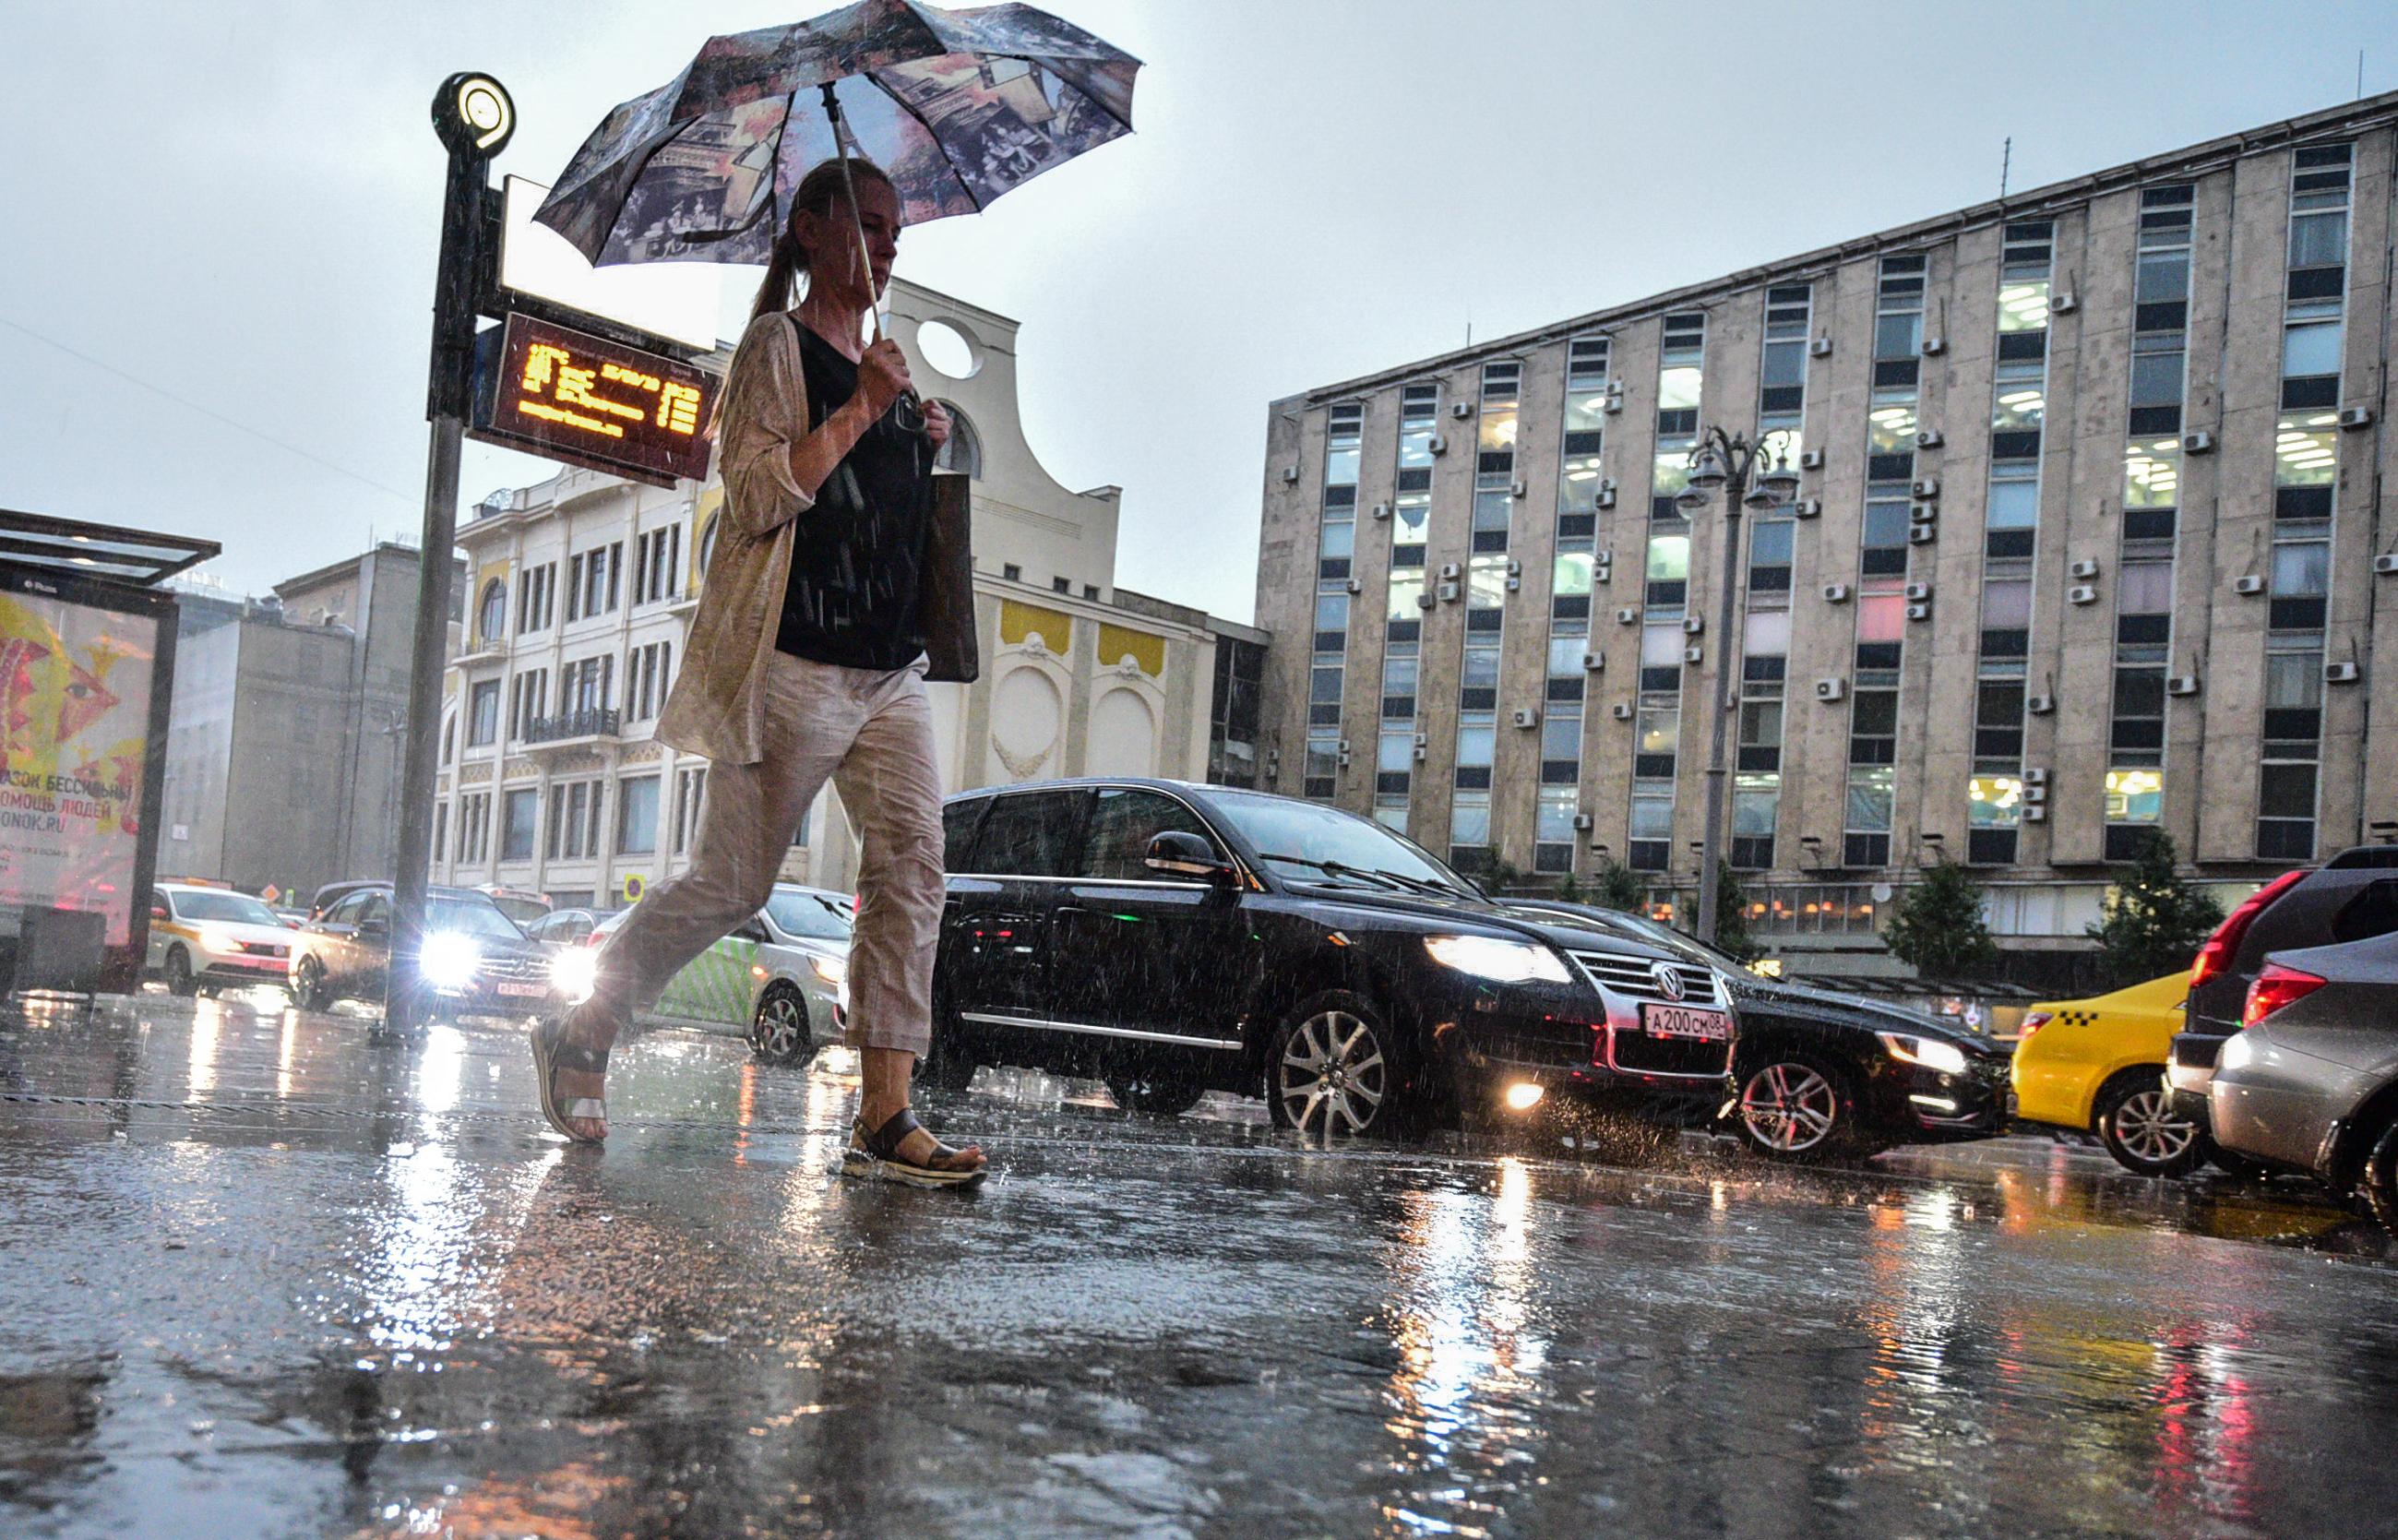 Москвичам пообещали четверть августовской нормы дождя во вторник